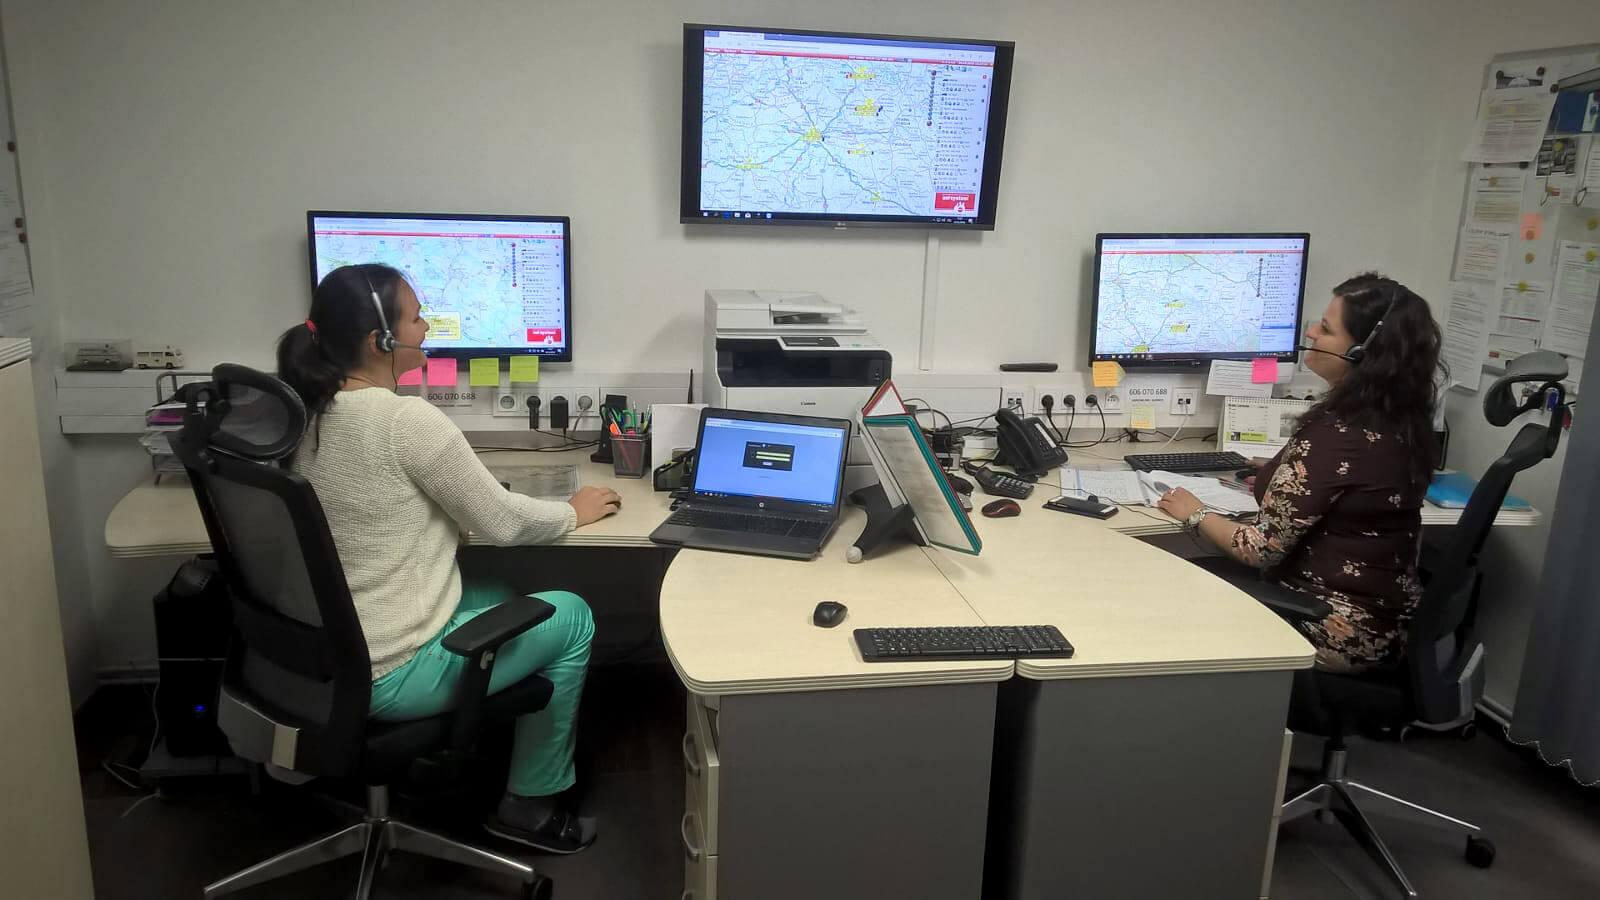 Nonstopmedic dispatching